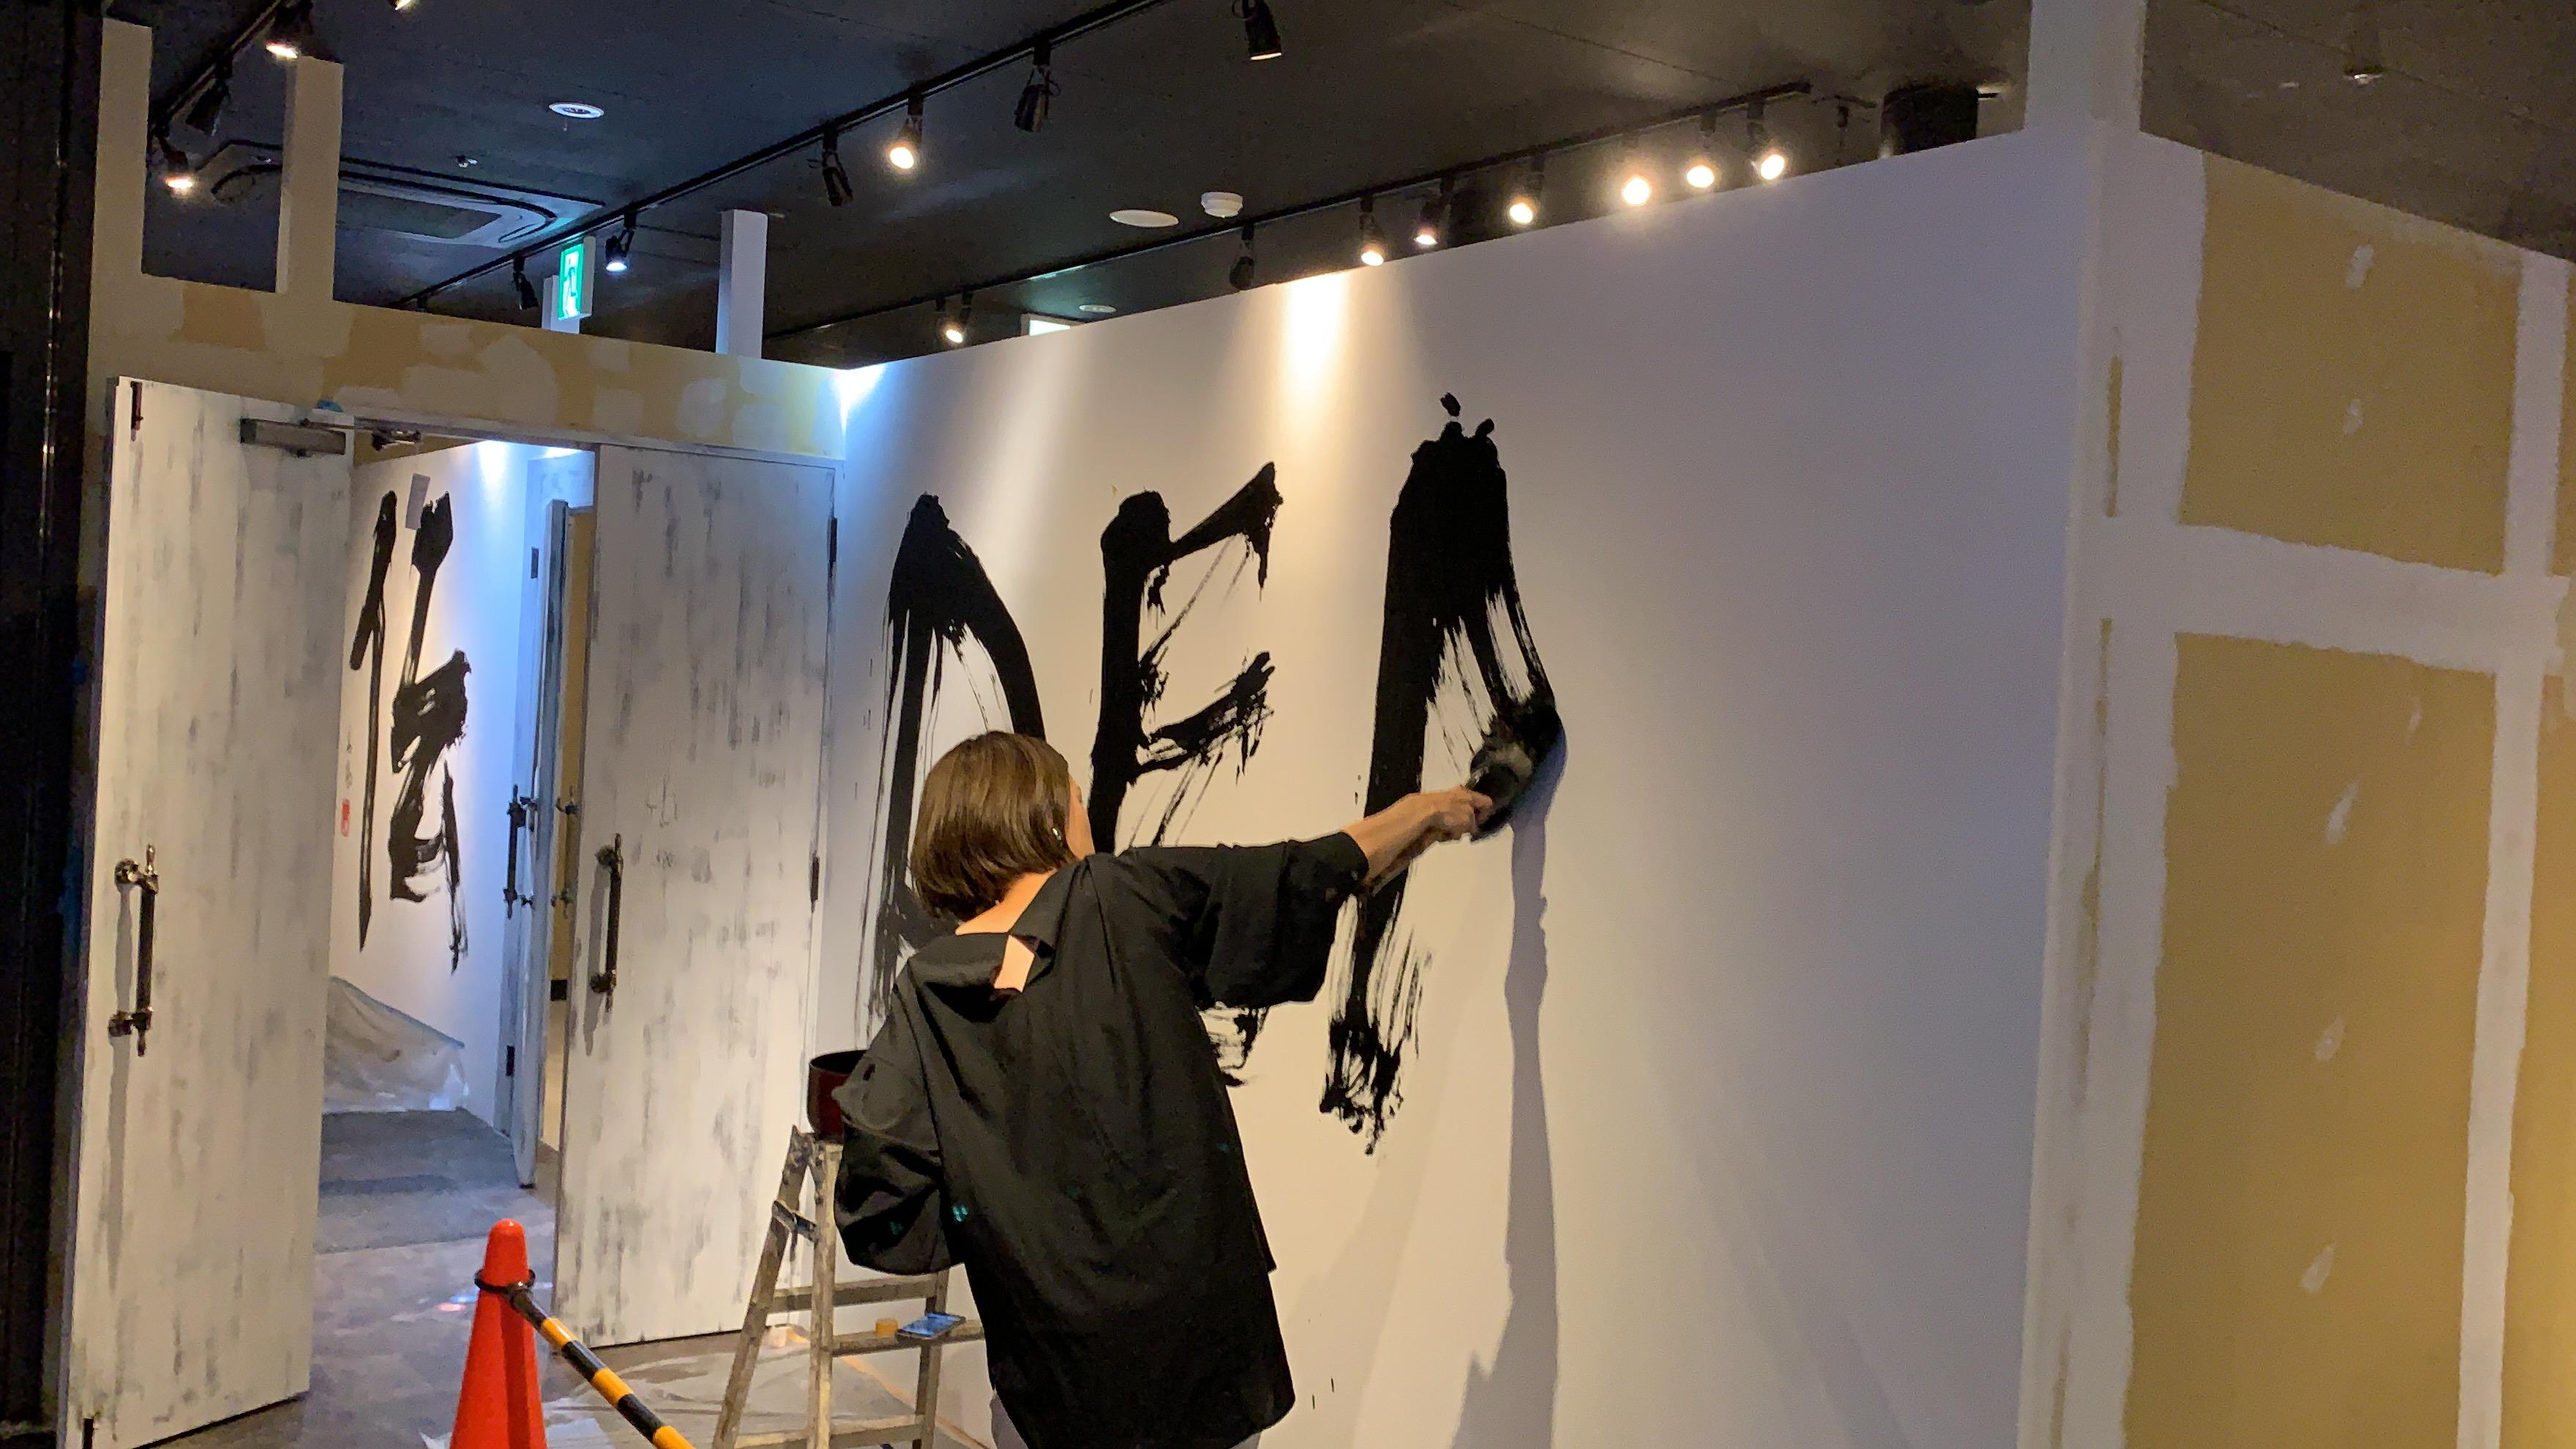 JAPANESE BUFFET DINING 伝『店舗エントランス』壁面書デザイン | 札幌市中央区円山の会員制書道教室「華」